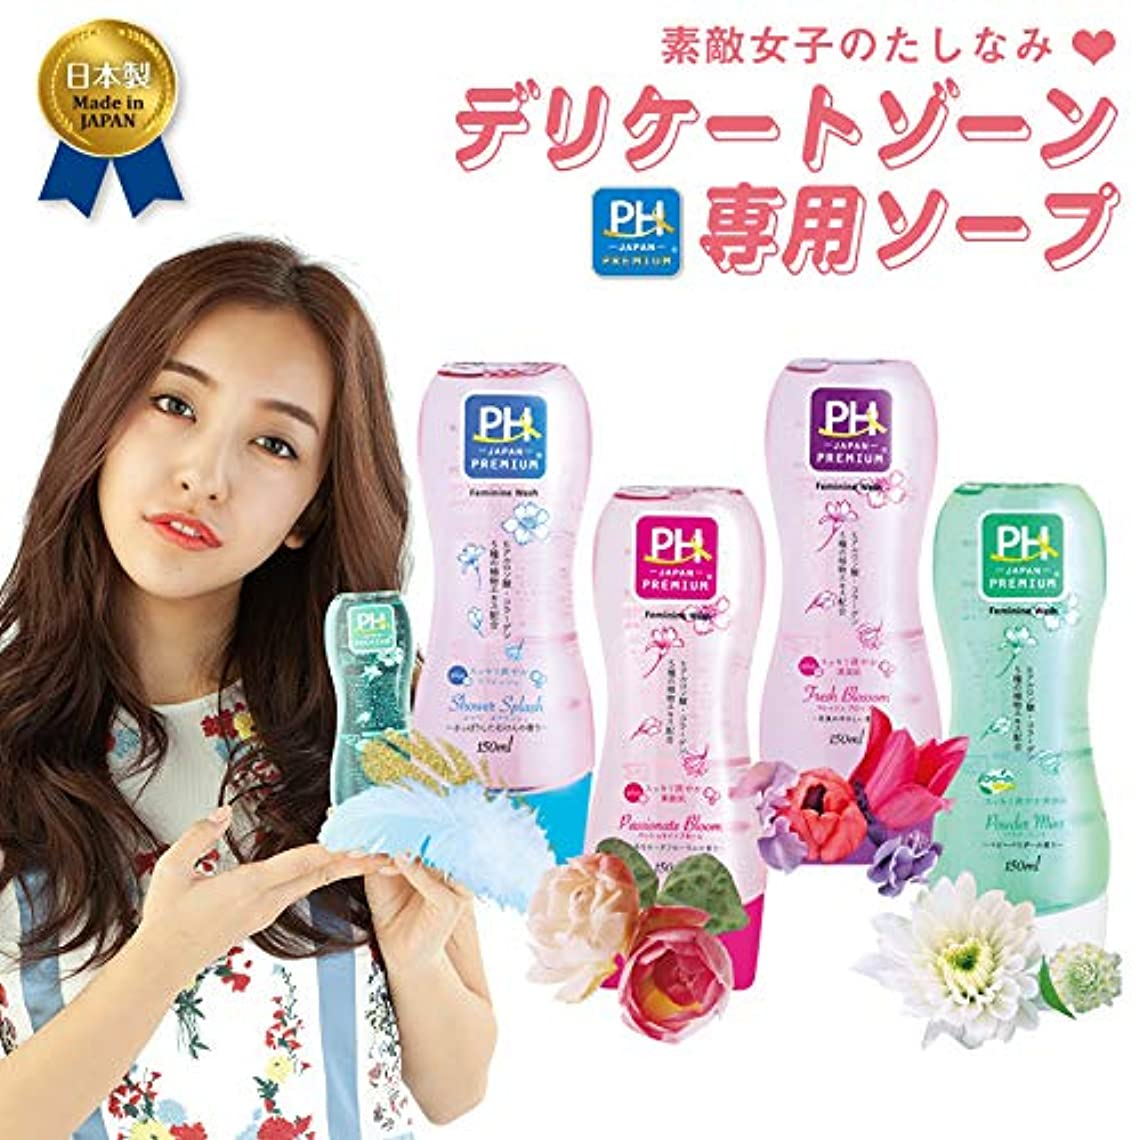 理想的不十分綺麗なシャワースプラッシュ4本セット PH JAPAN フェミニンウォッシュ